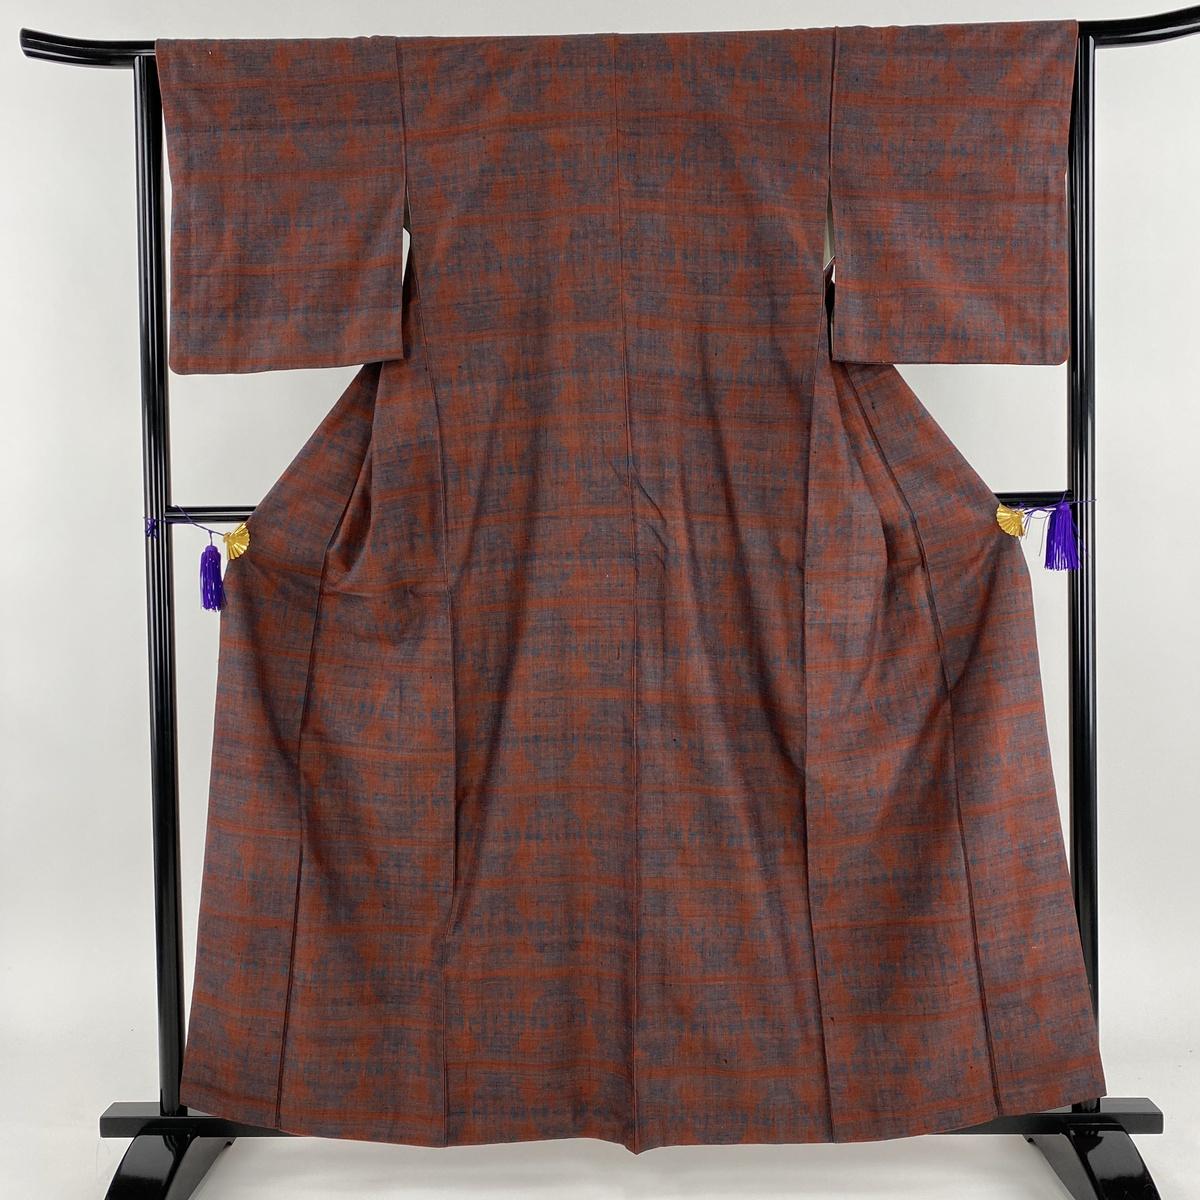 紬 美品 秀品 幾何学 赤茶 袷 身丈161cm 裄丈64cm M 正絹 【中古】